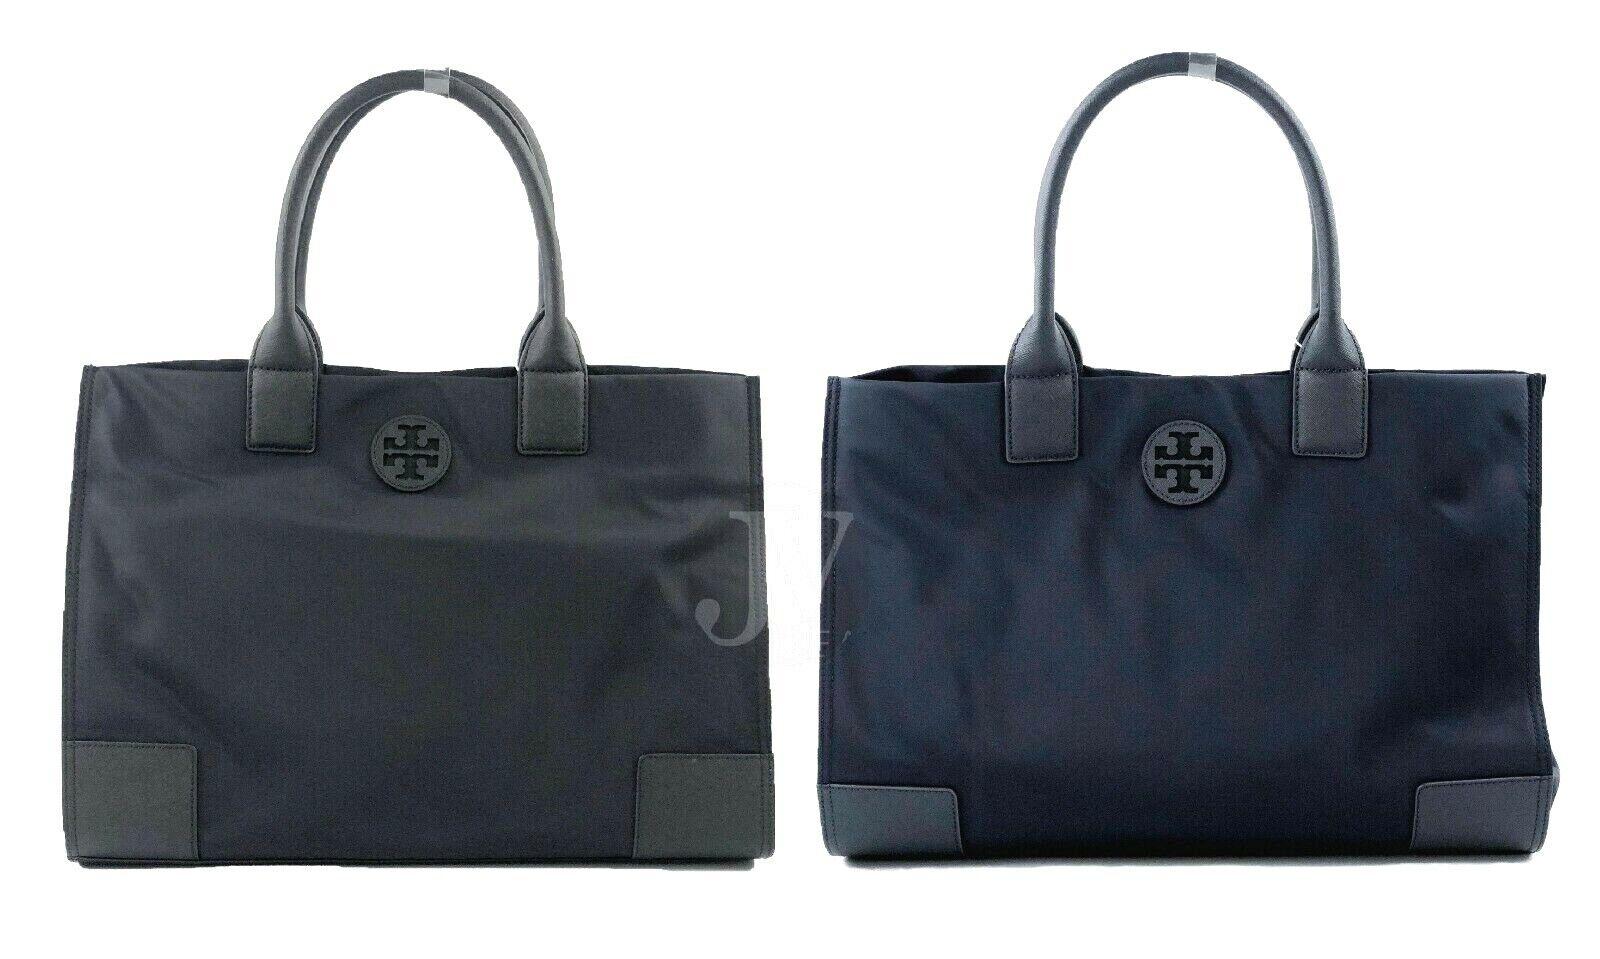 Tory Burch 55528 Nylon Ella Tote Handbag Bag